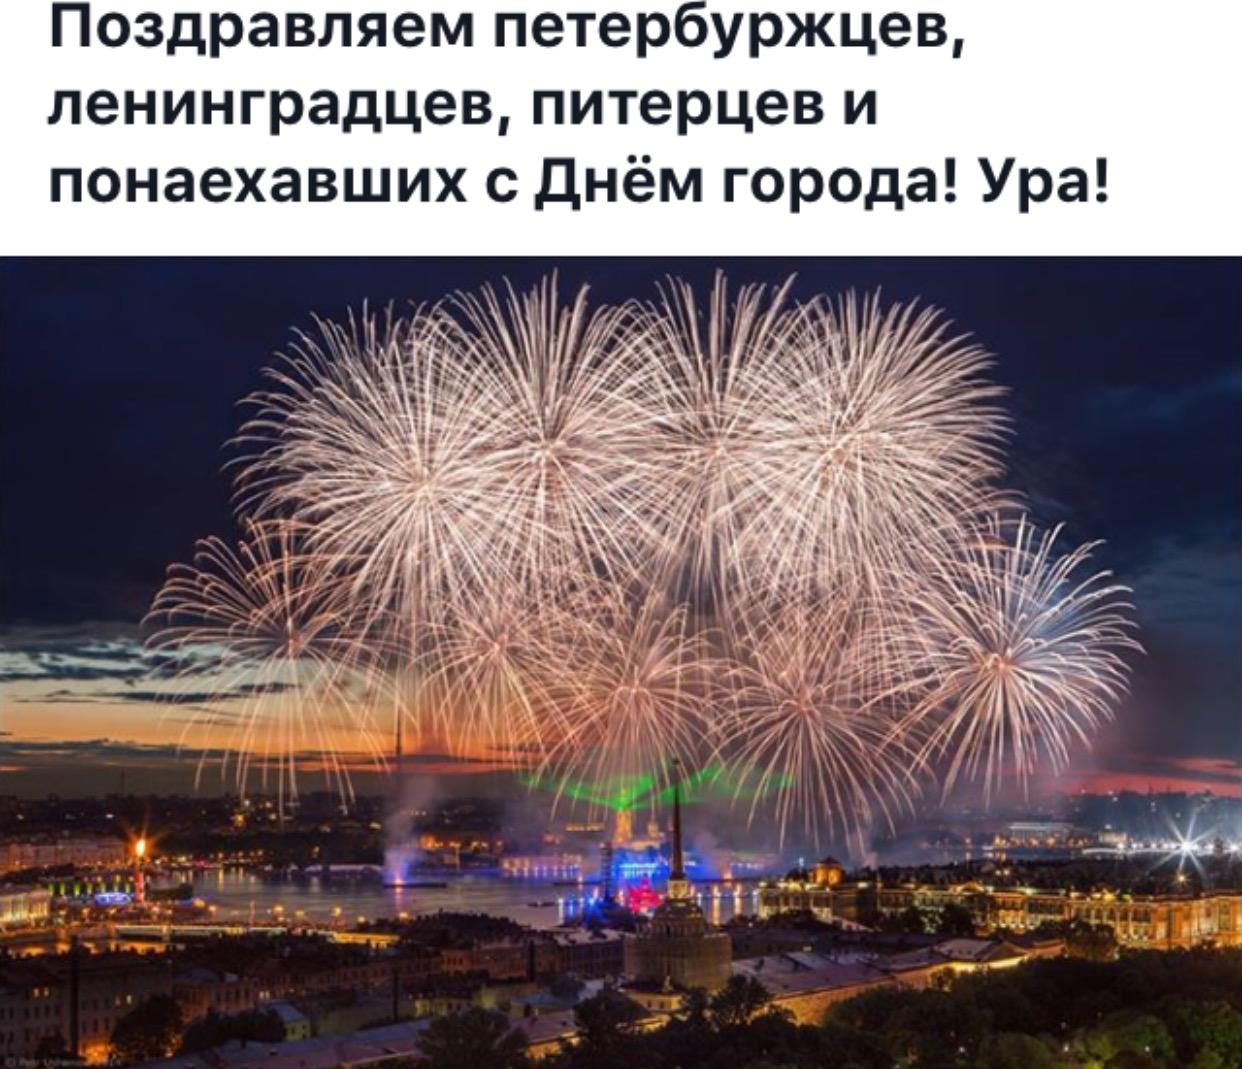 Поздравление с днем рождения из санкт-петербурга